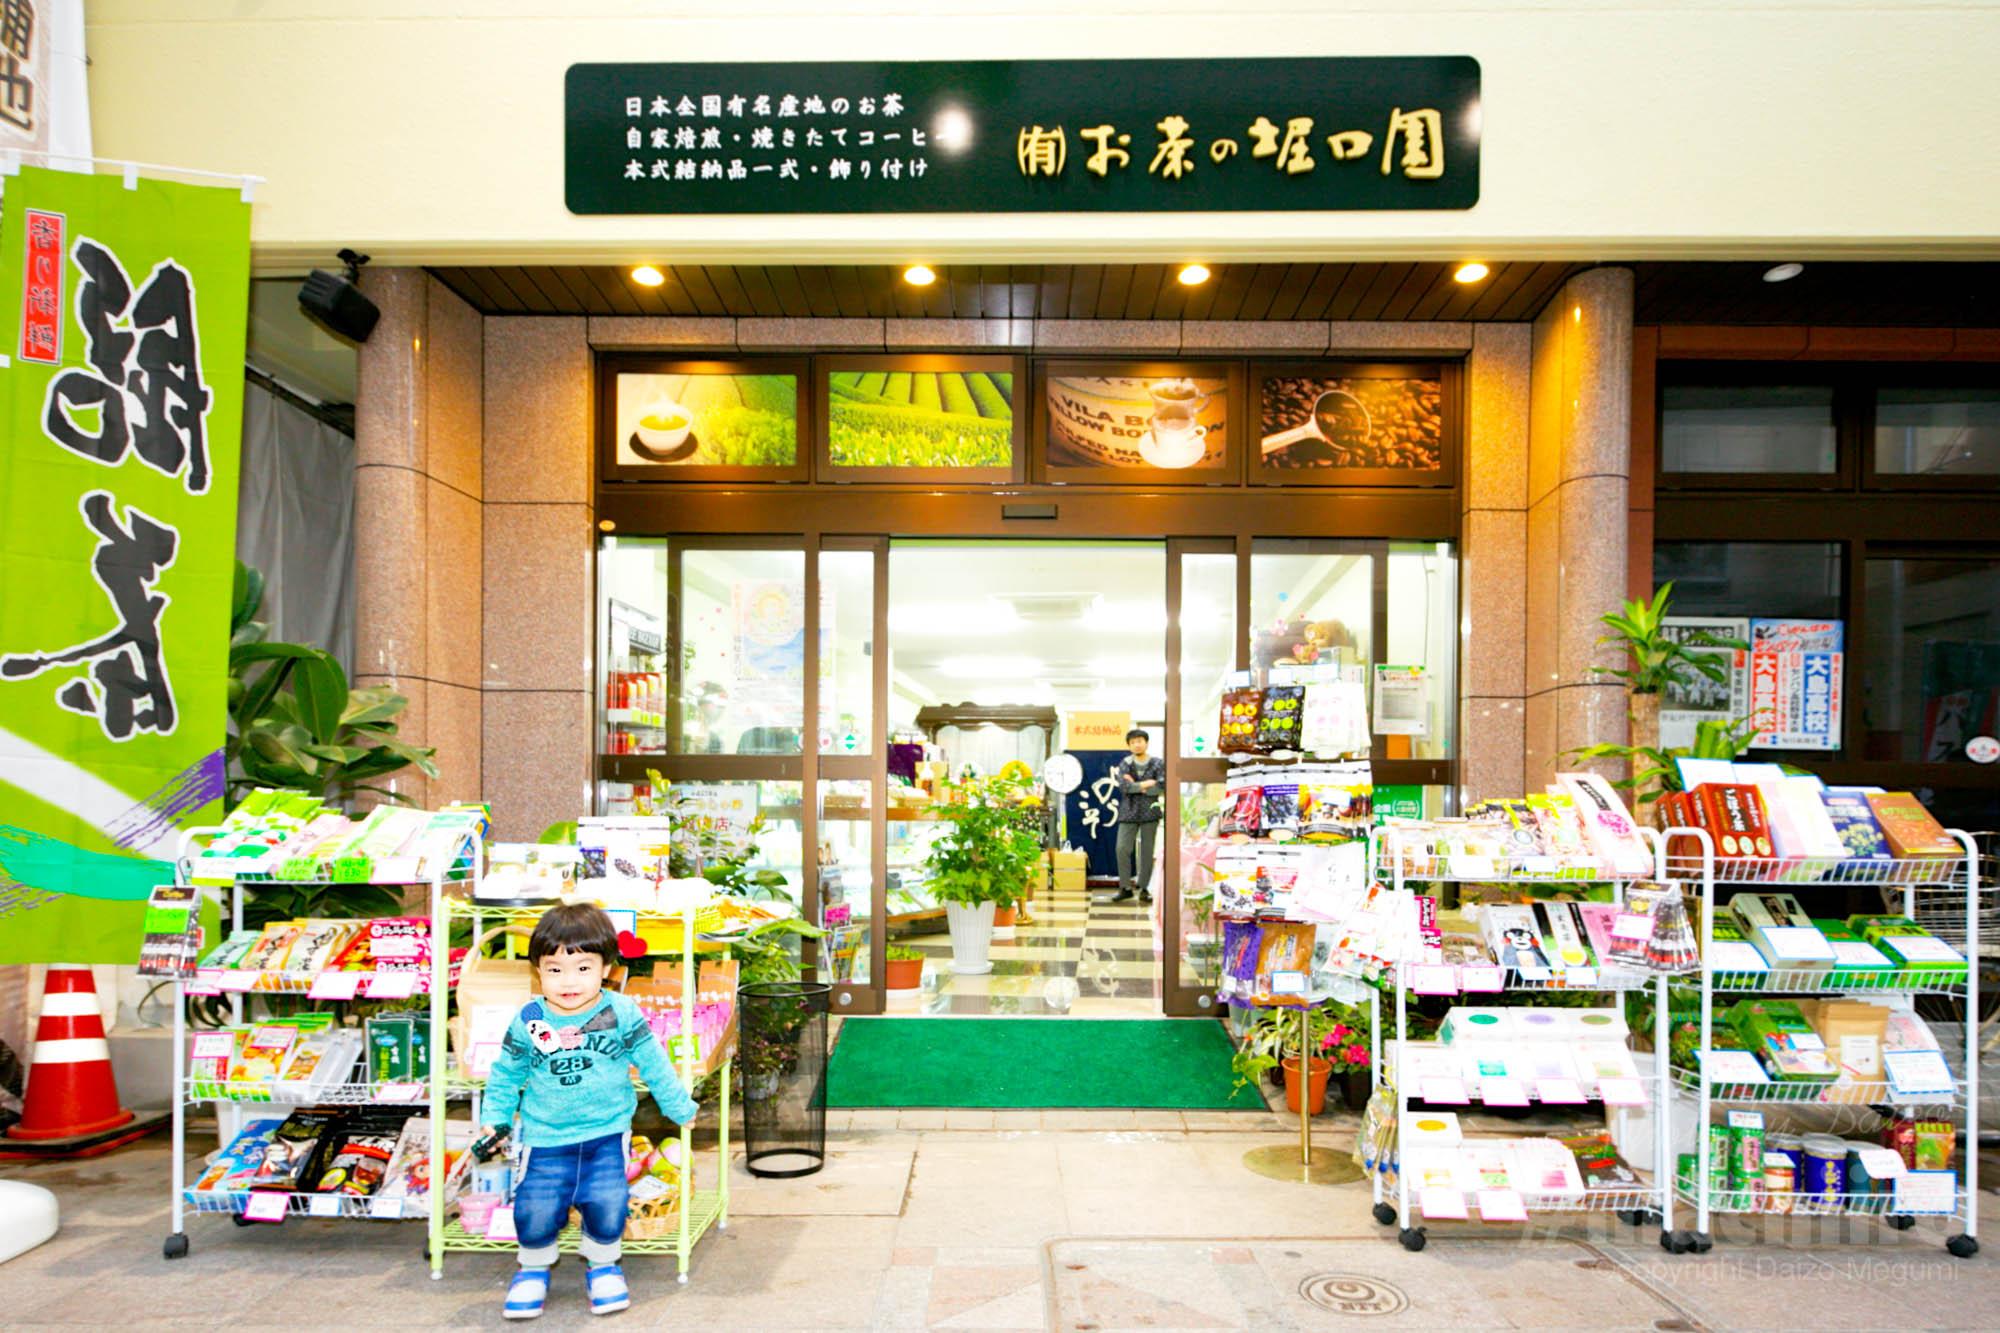 お茶の堀口園 Machiiro 記事写真 2